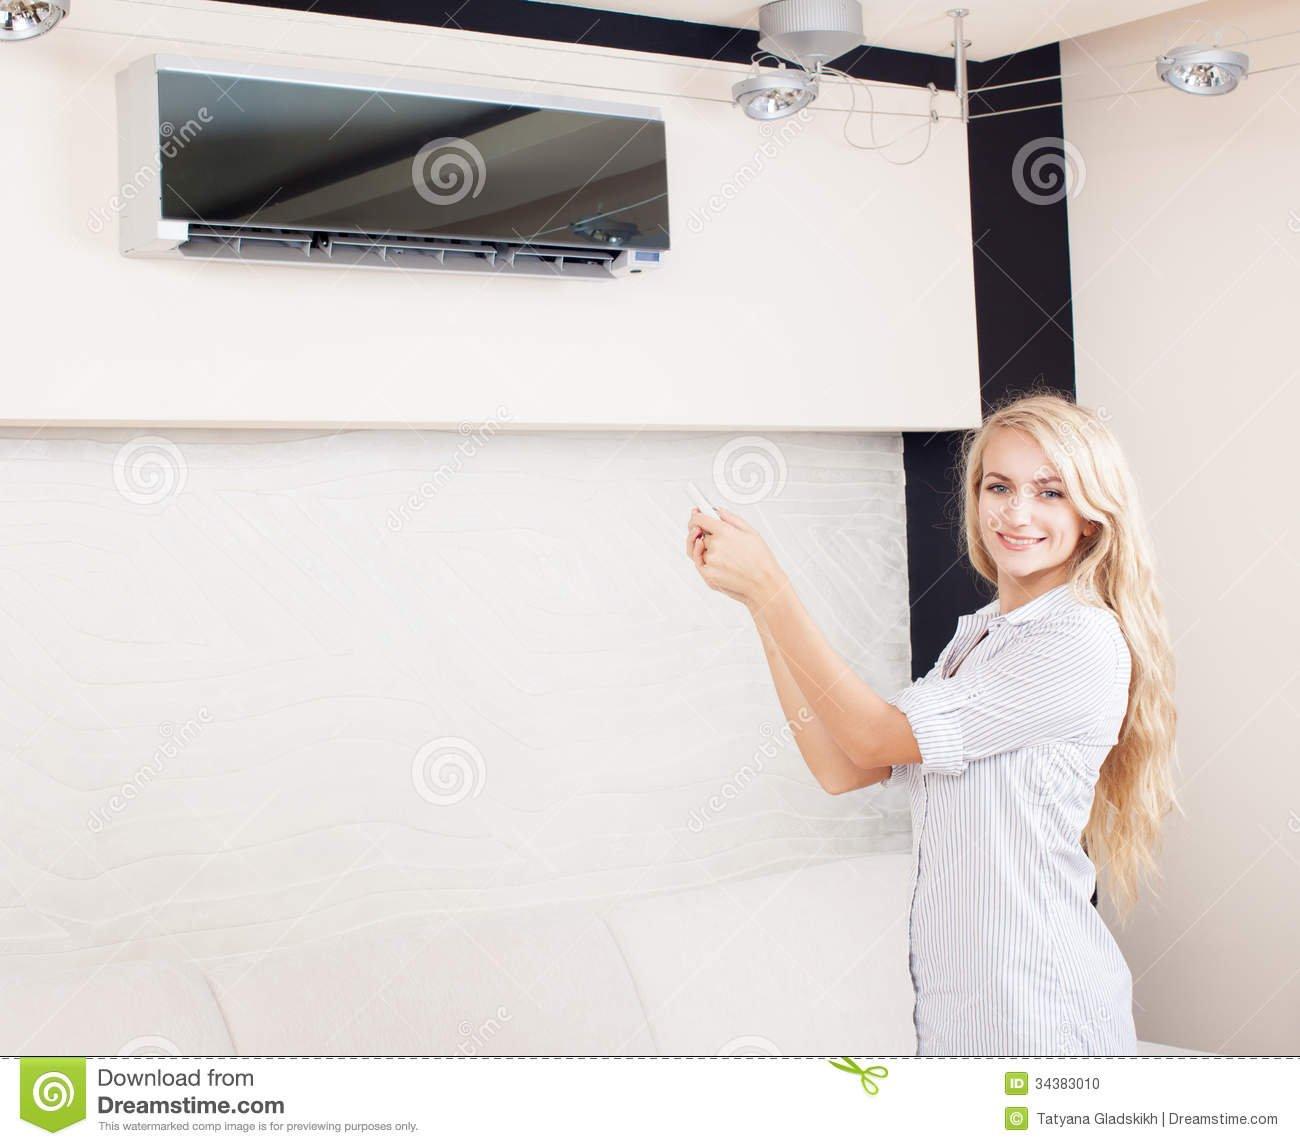 sửa máy lạnh đường số 5